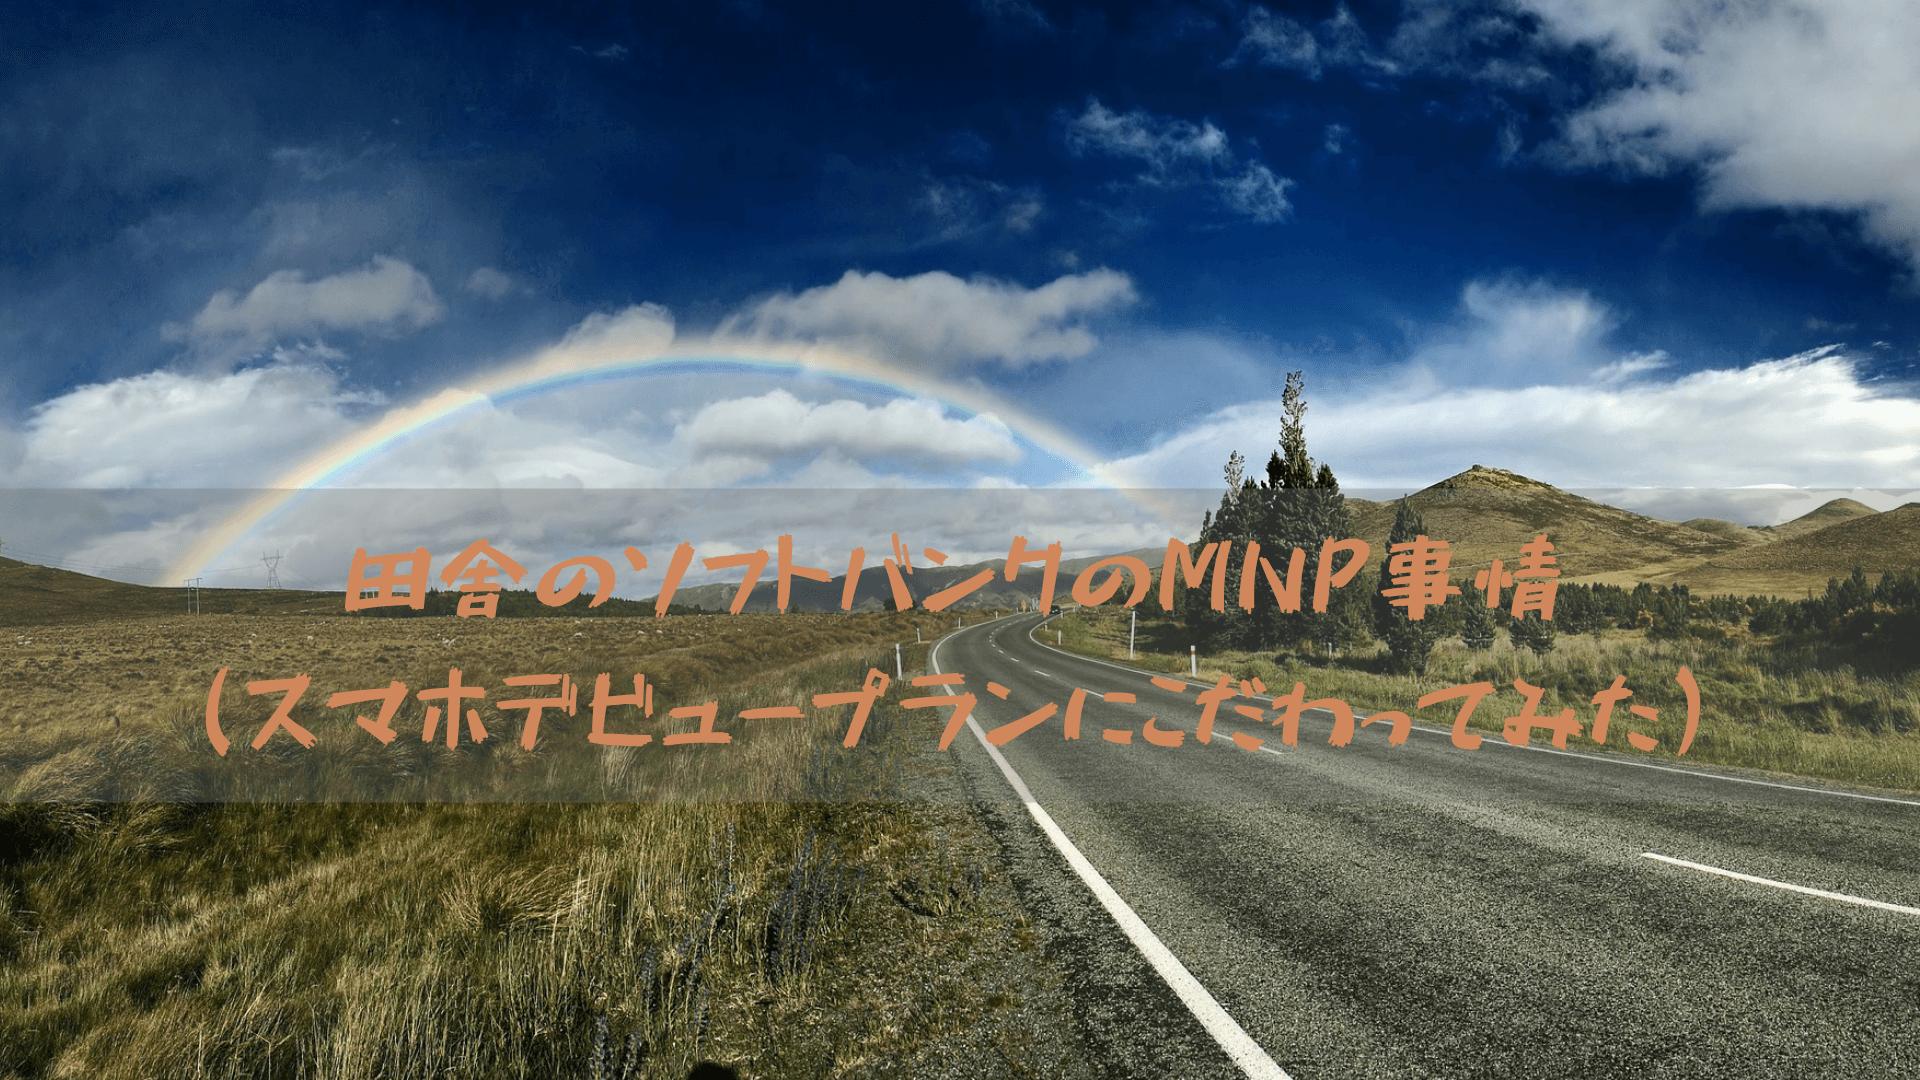 田舎のソフトバンクのMNP事情(スマホデビュープランにこだわってみた)